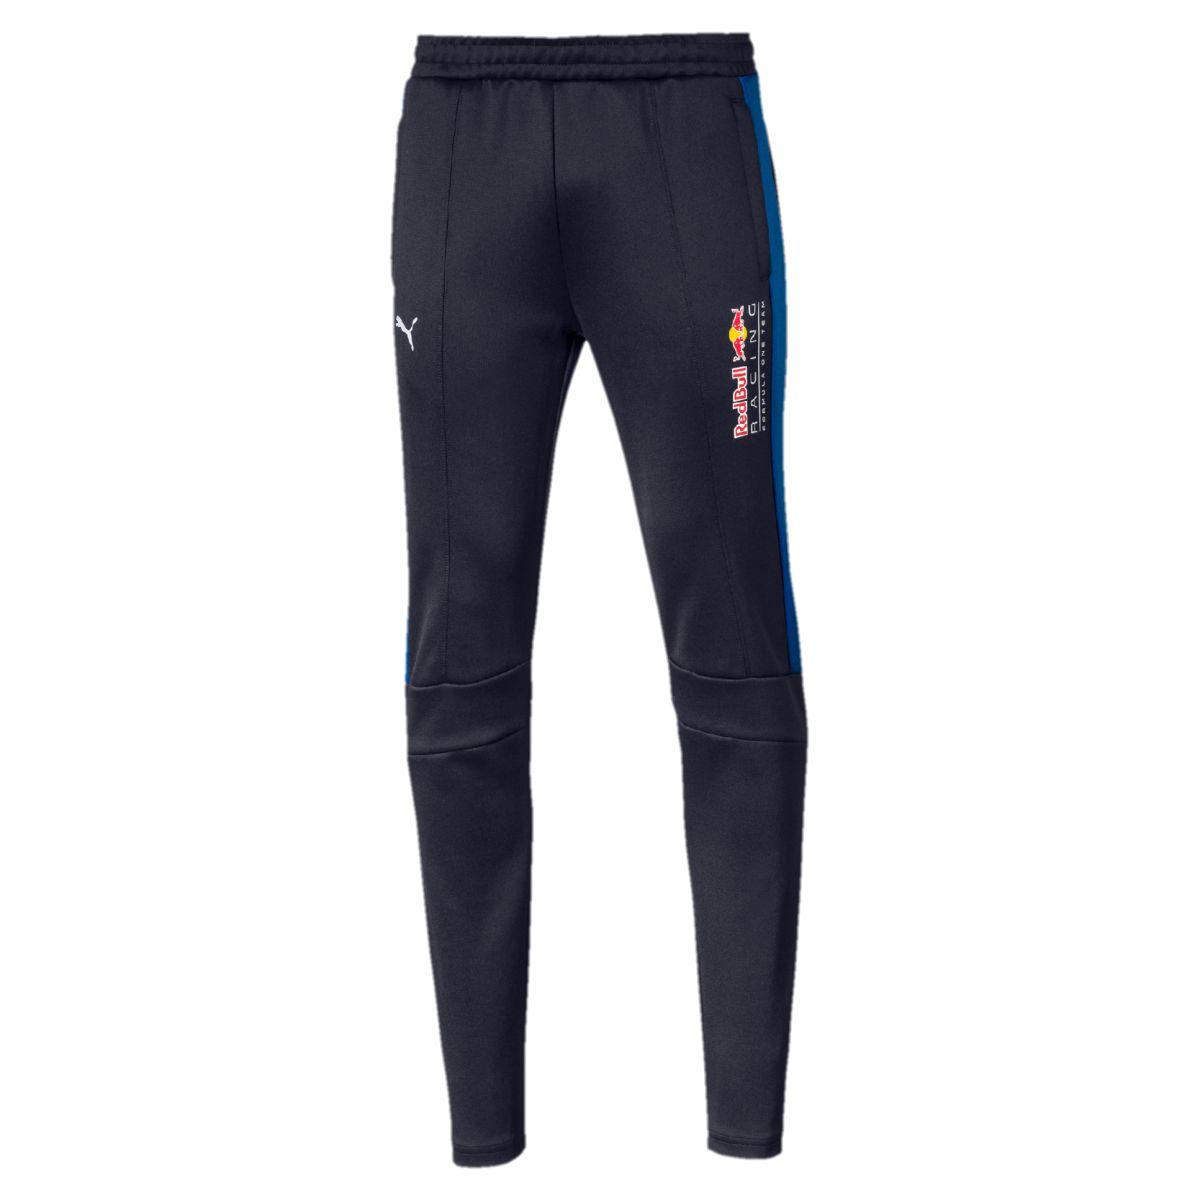 Брюки PUMA RBR T7 Track Pants цена